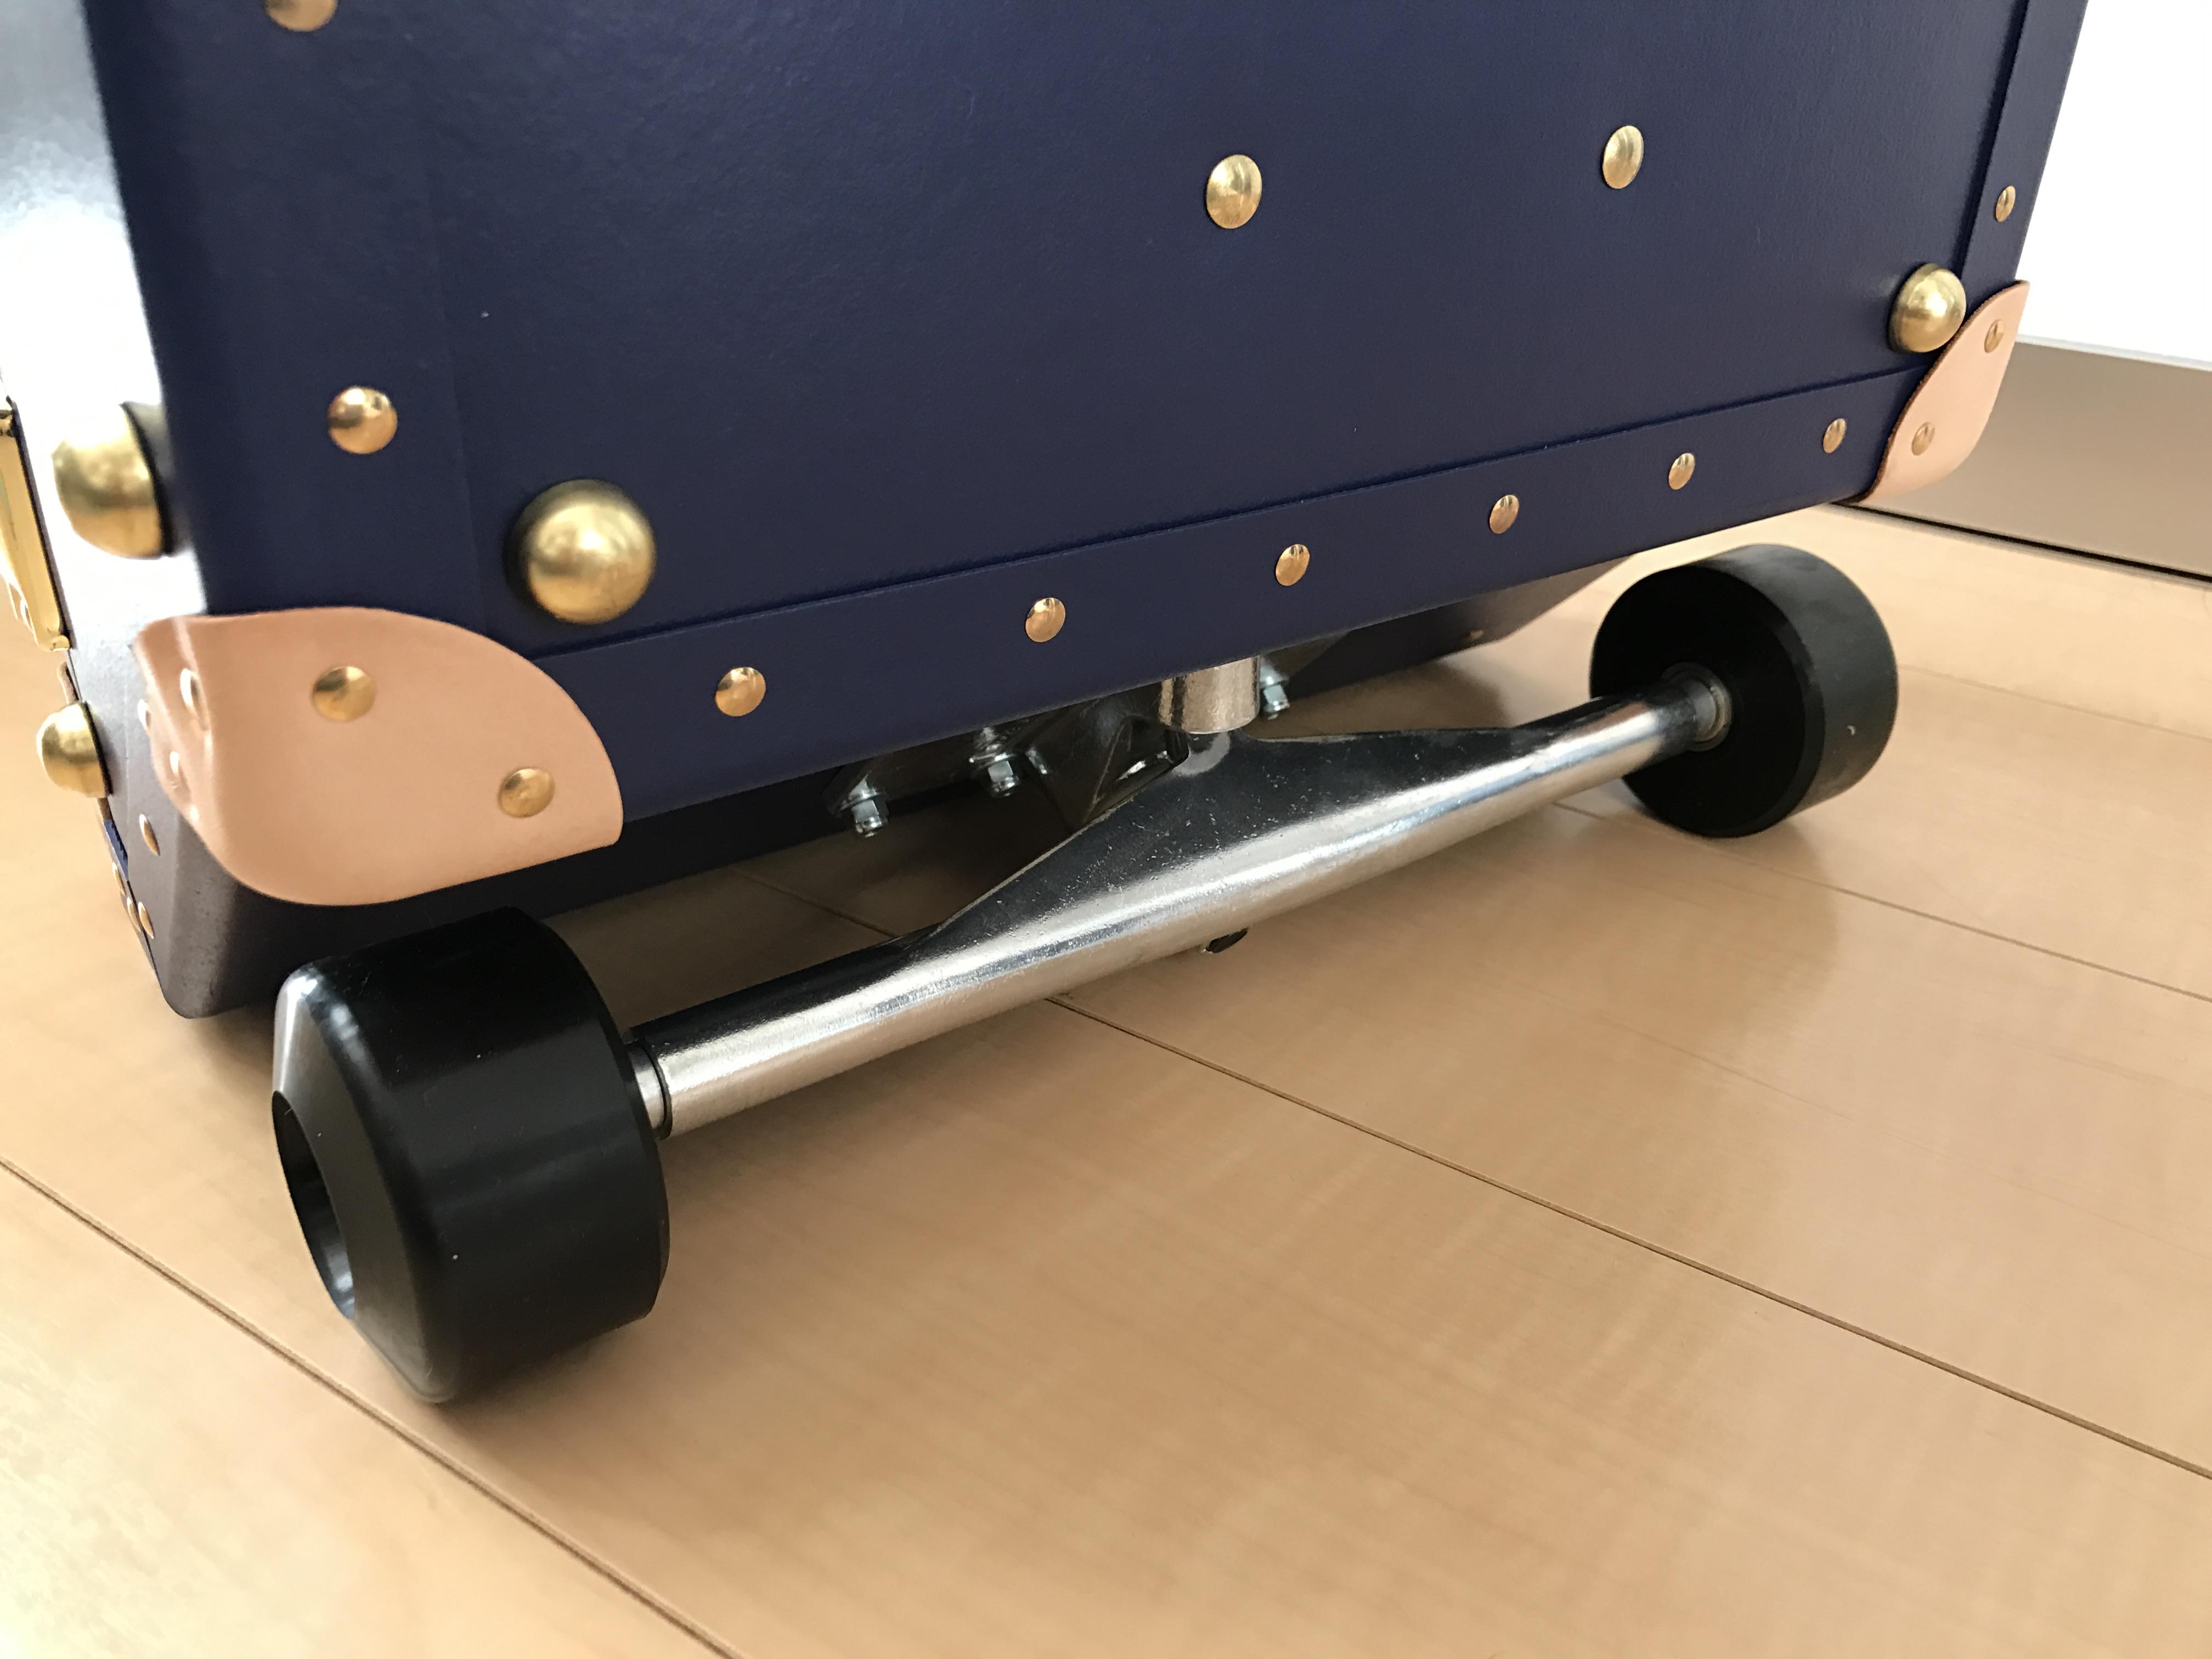 トランク型トロリーバッグ(キャリーバッグ)の新定番!TIMEVOYAGER Trolley Premium IIを購入してみた!